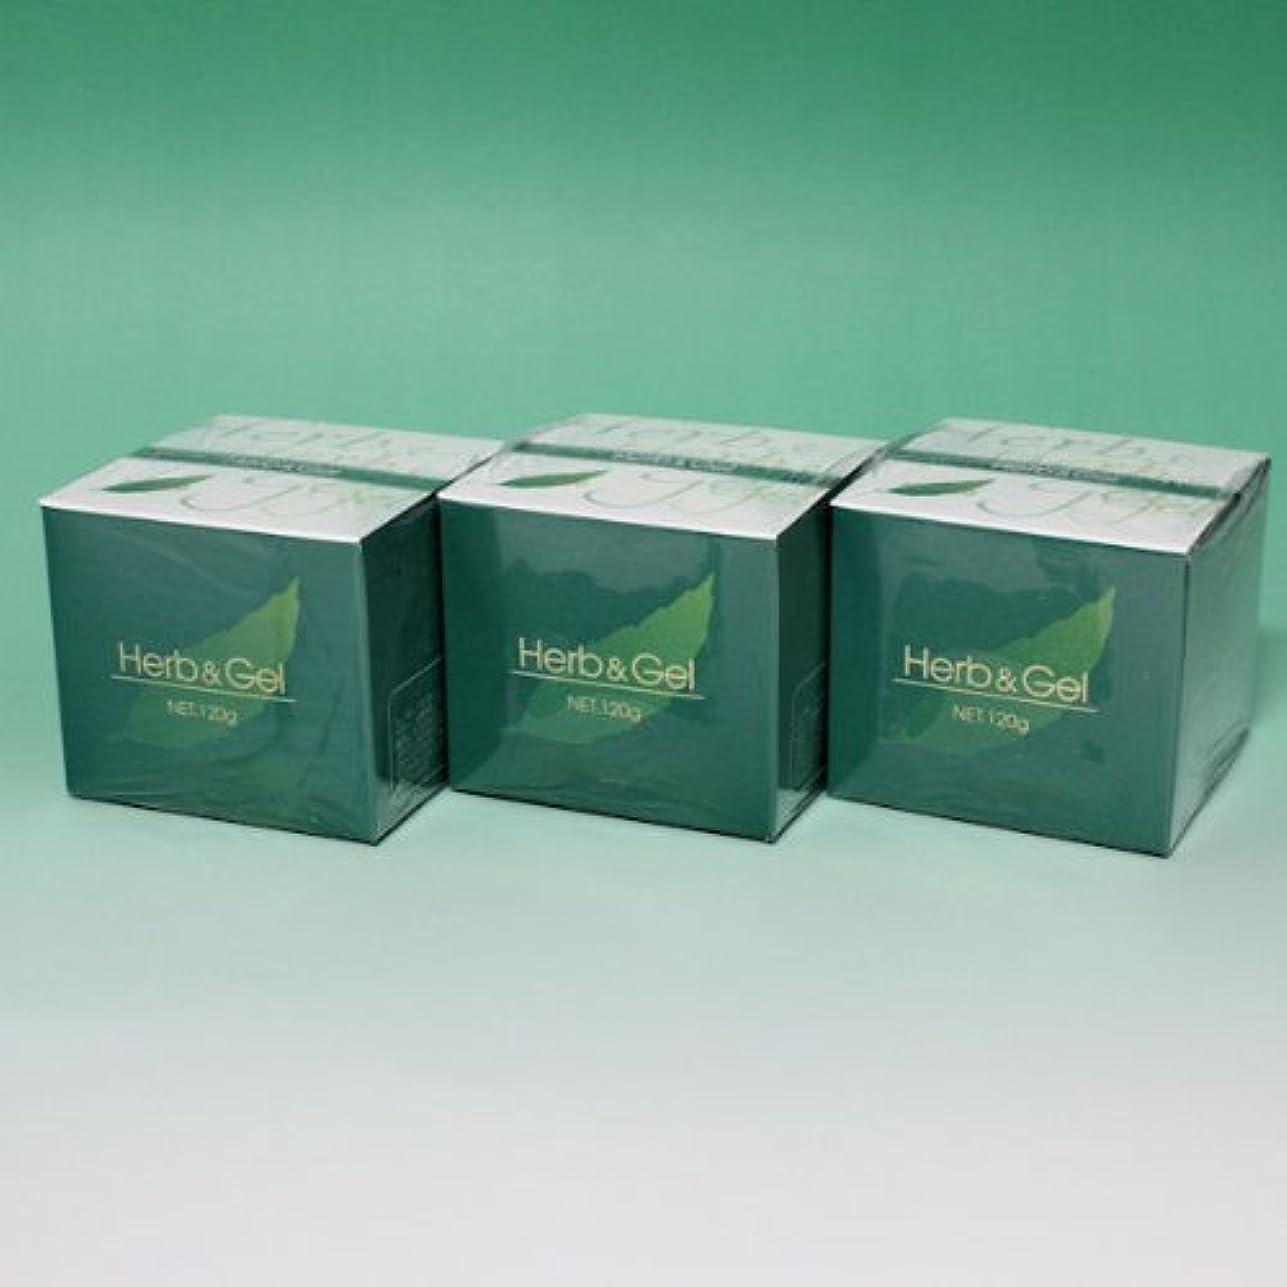 ハーブアンドゲル 天然ハーブエキス配合 120g×3瓶セット (4580109490026)